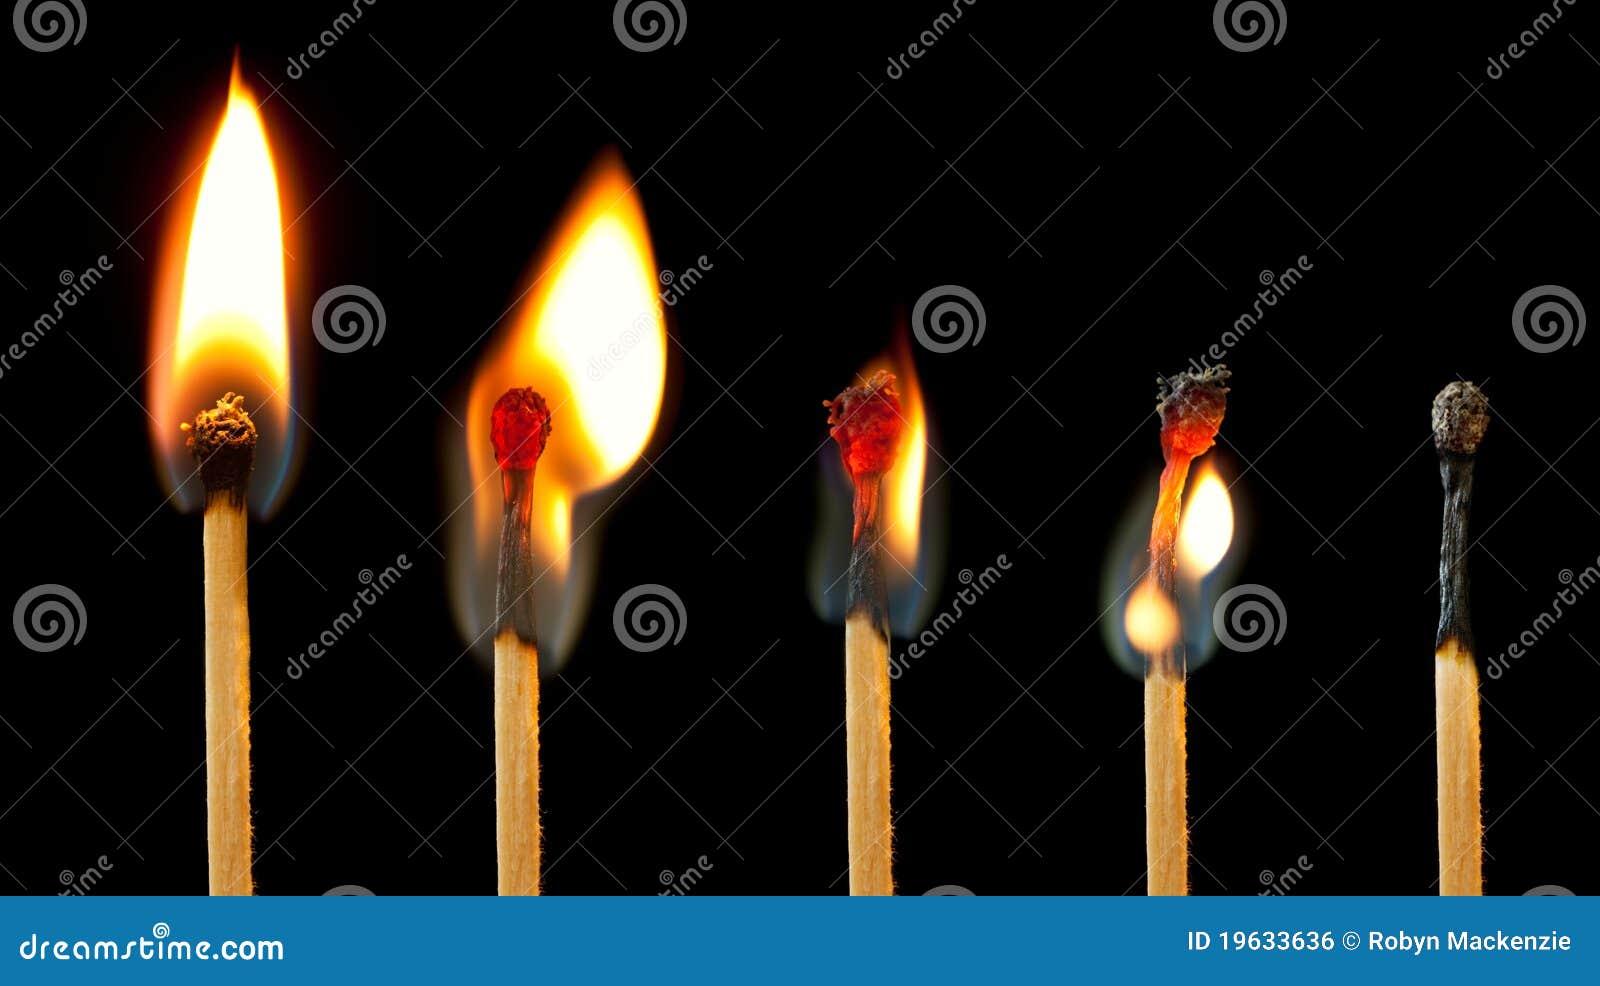 burning series